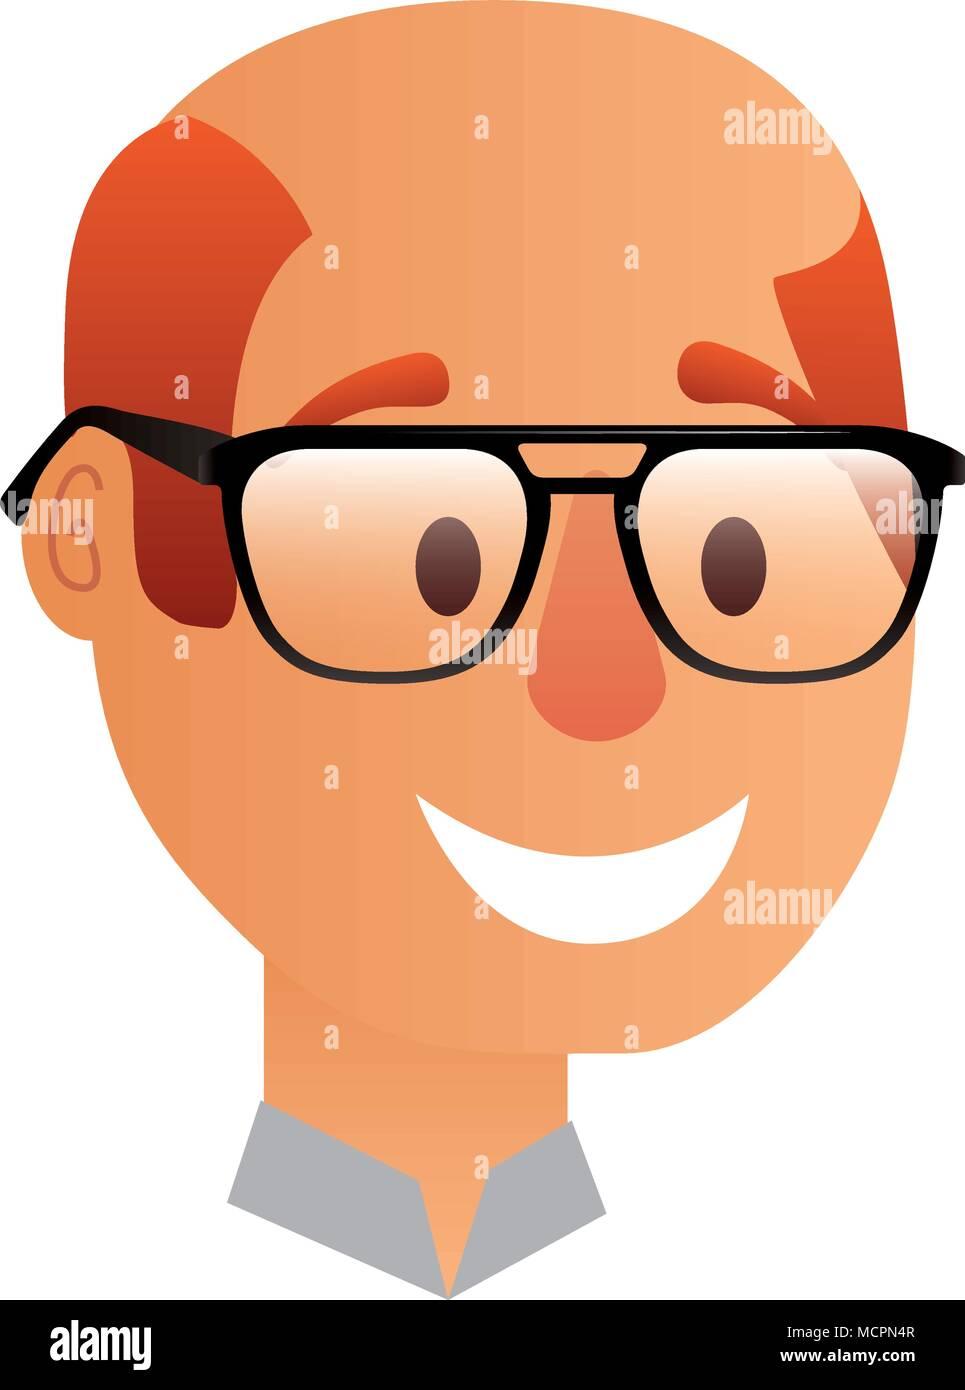 Mann Mit Glatze Mit Brille Comic Figur Vektor Abbildung Bild